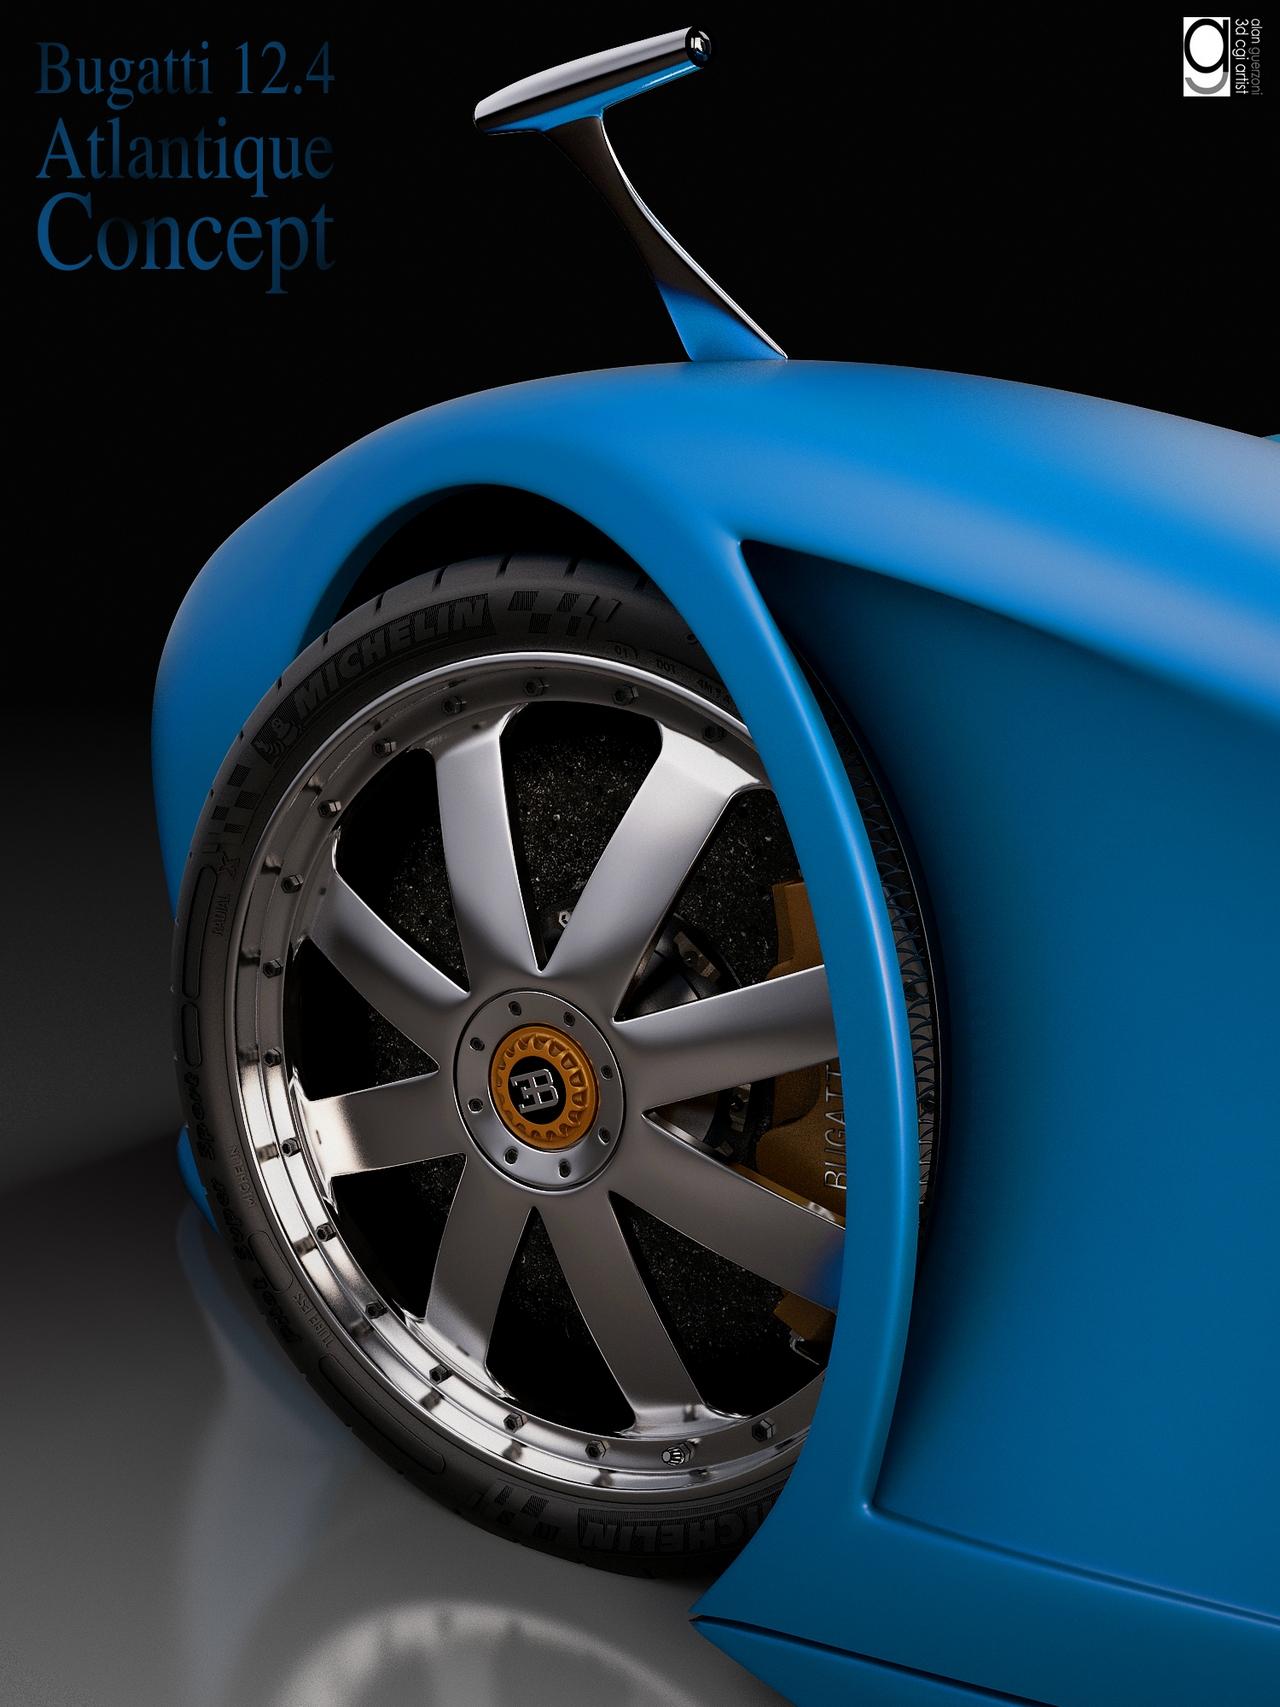 Bugatti 12.4 Atlantique Concept by Alan Guerzoni _130-100